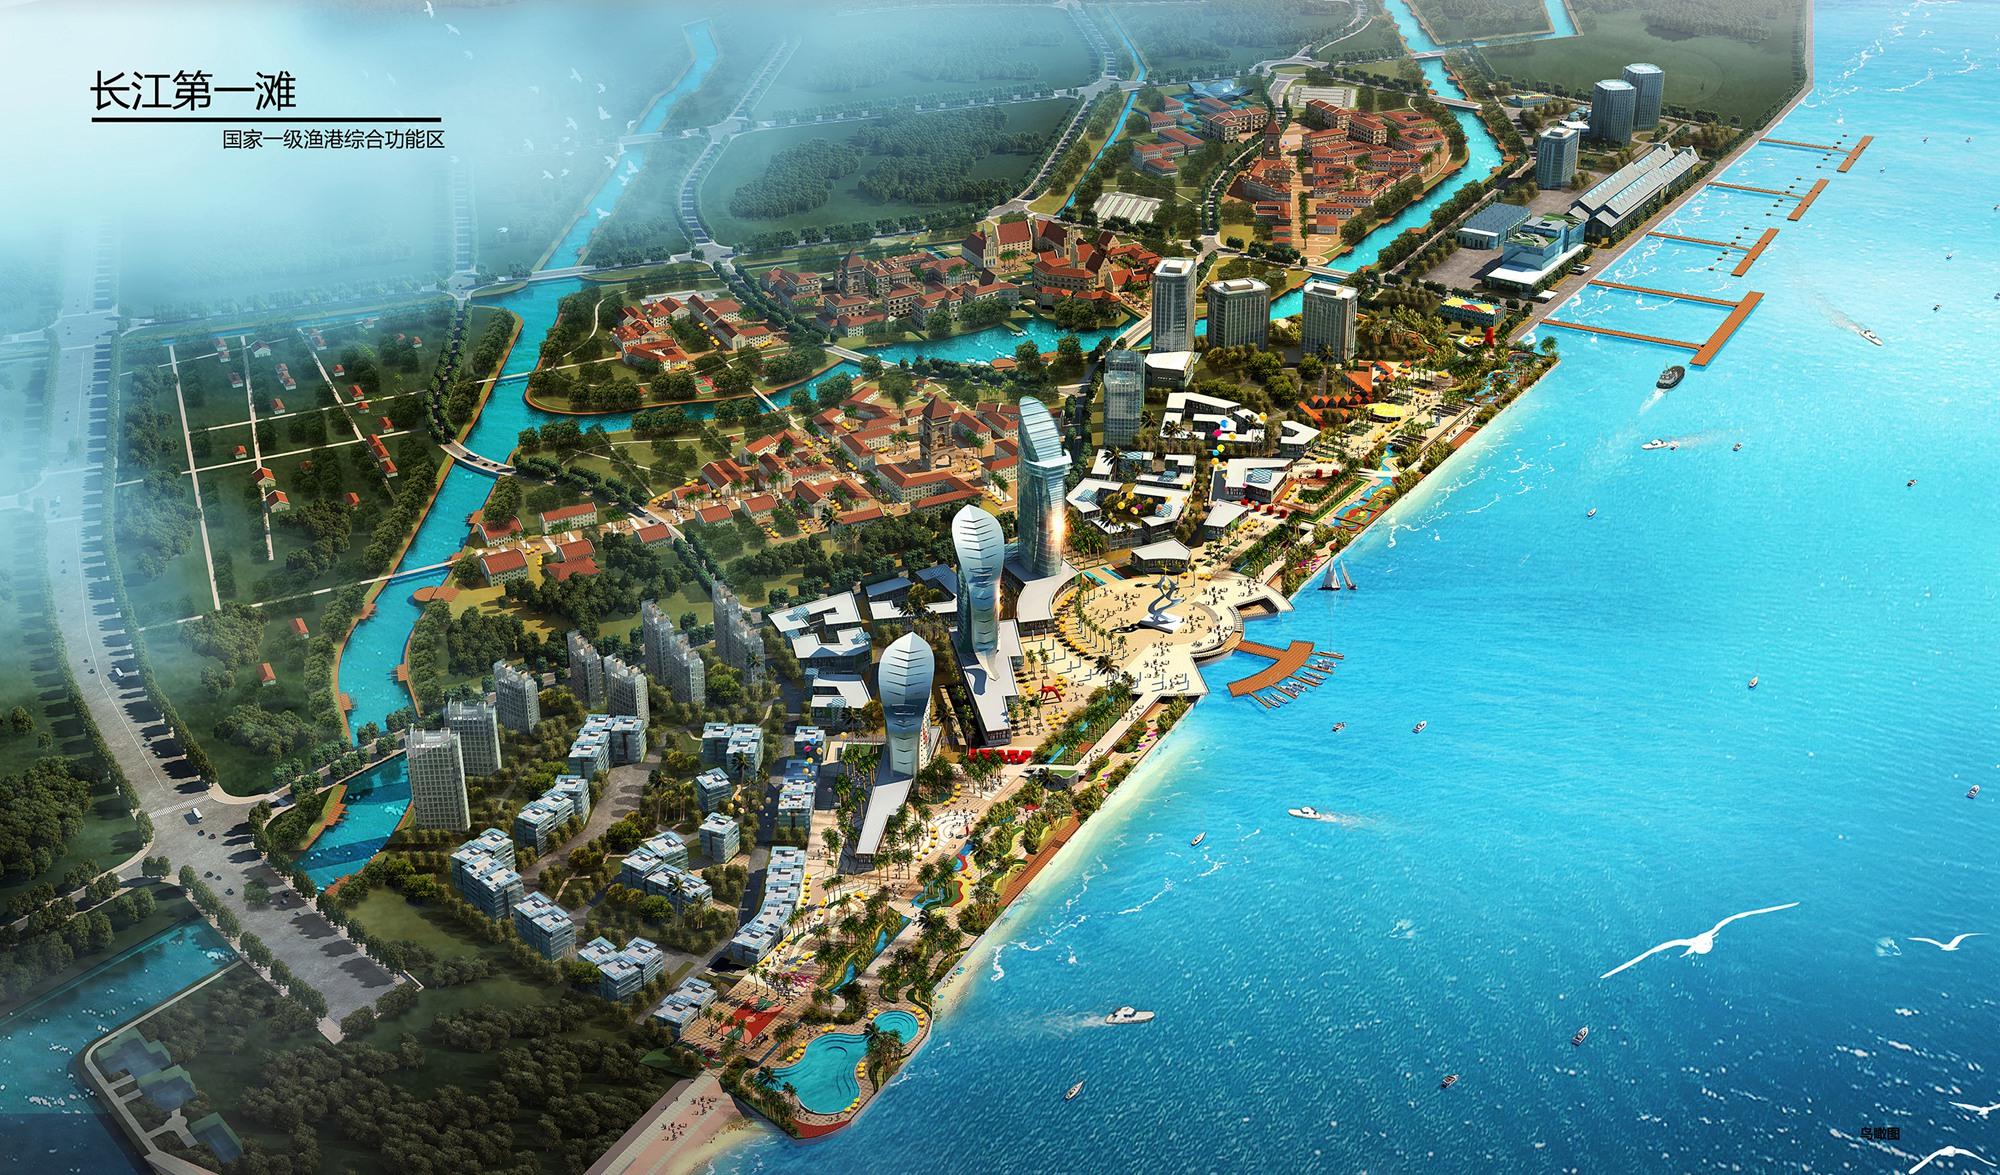 長興島毛竹圩大堤和保灘工程岸段監測項目